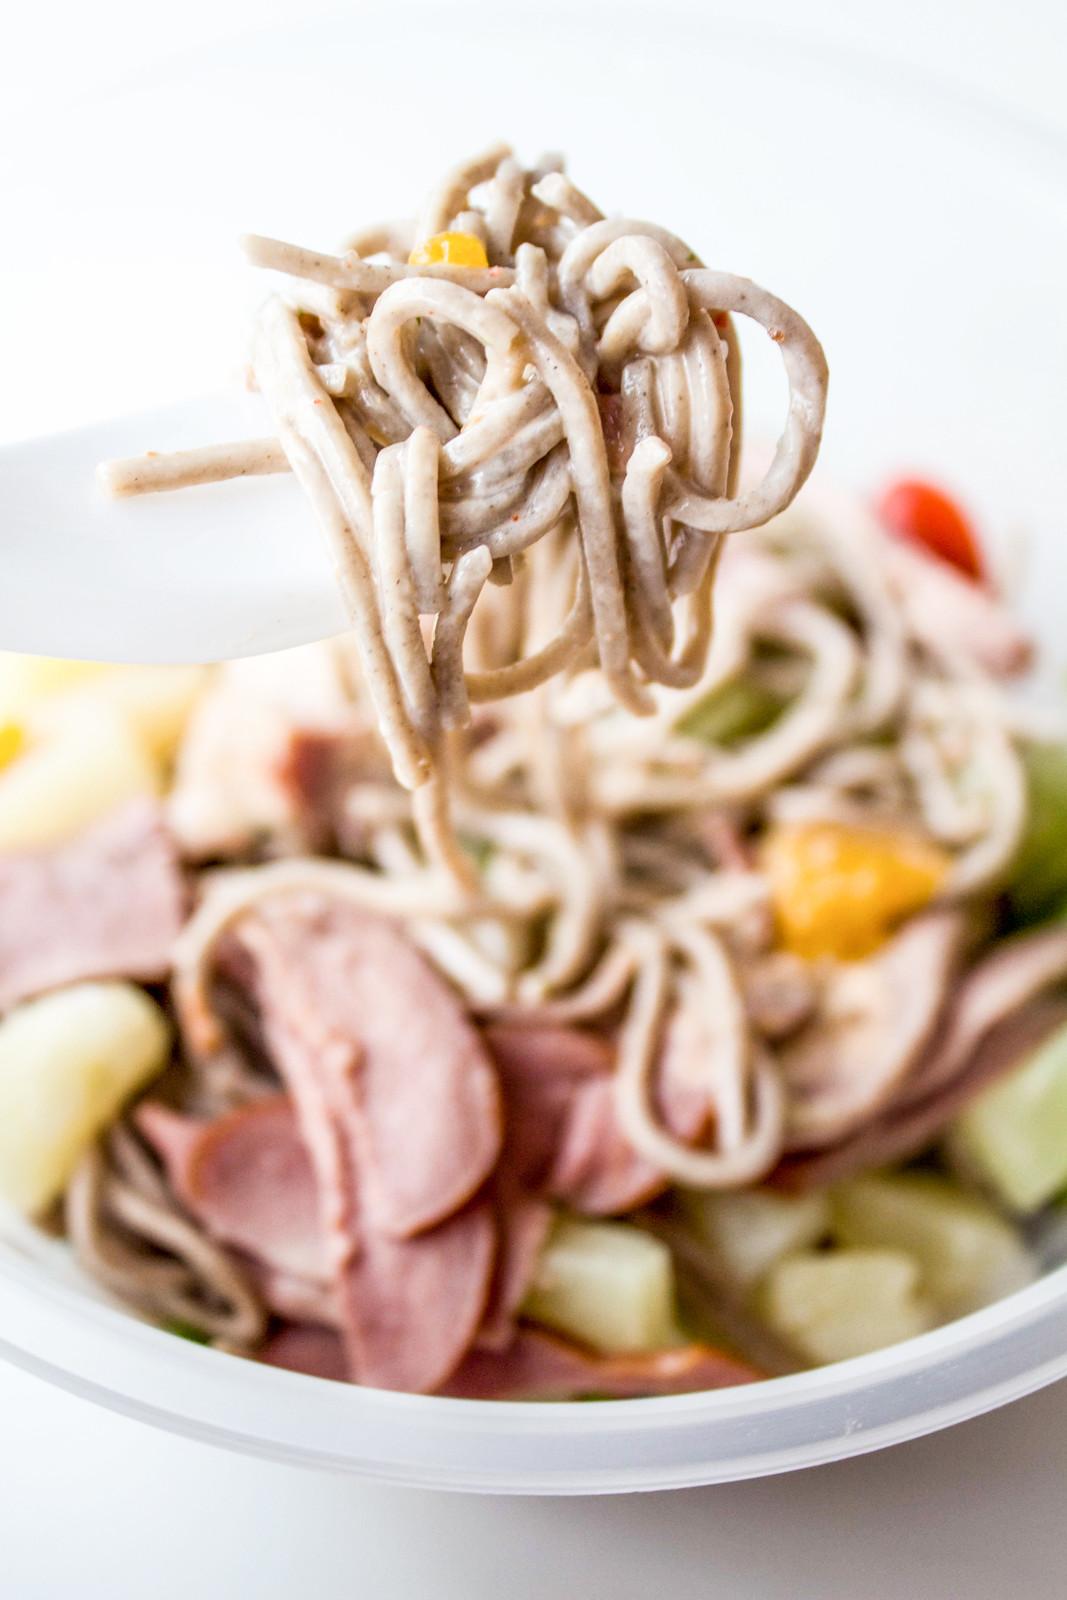 花式小贩食品:白桌子上的蔬菜沙拉和叉子上的酱汁